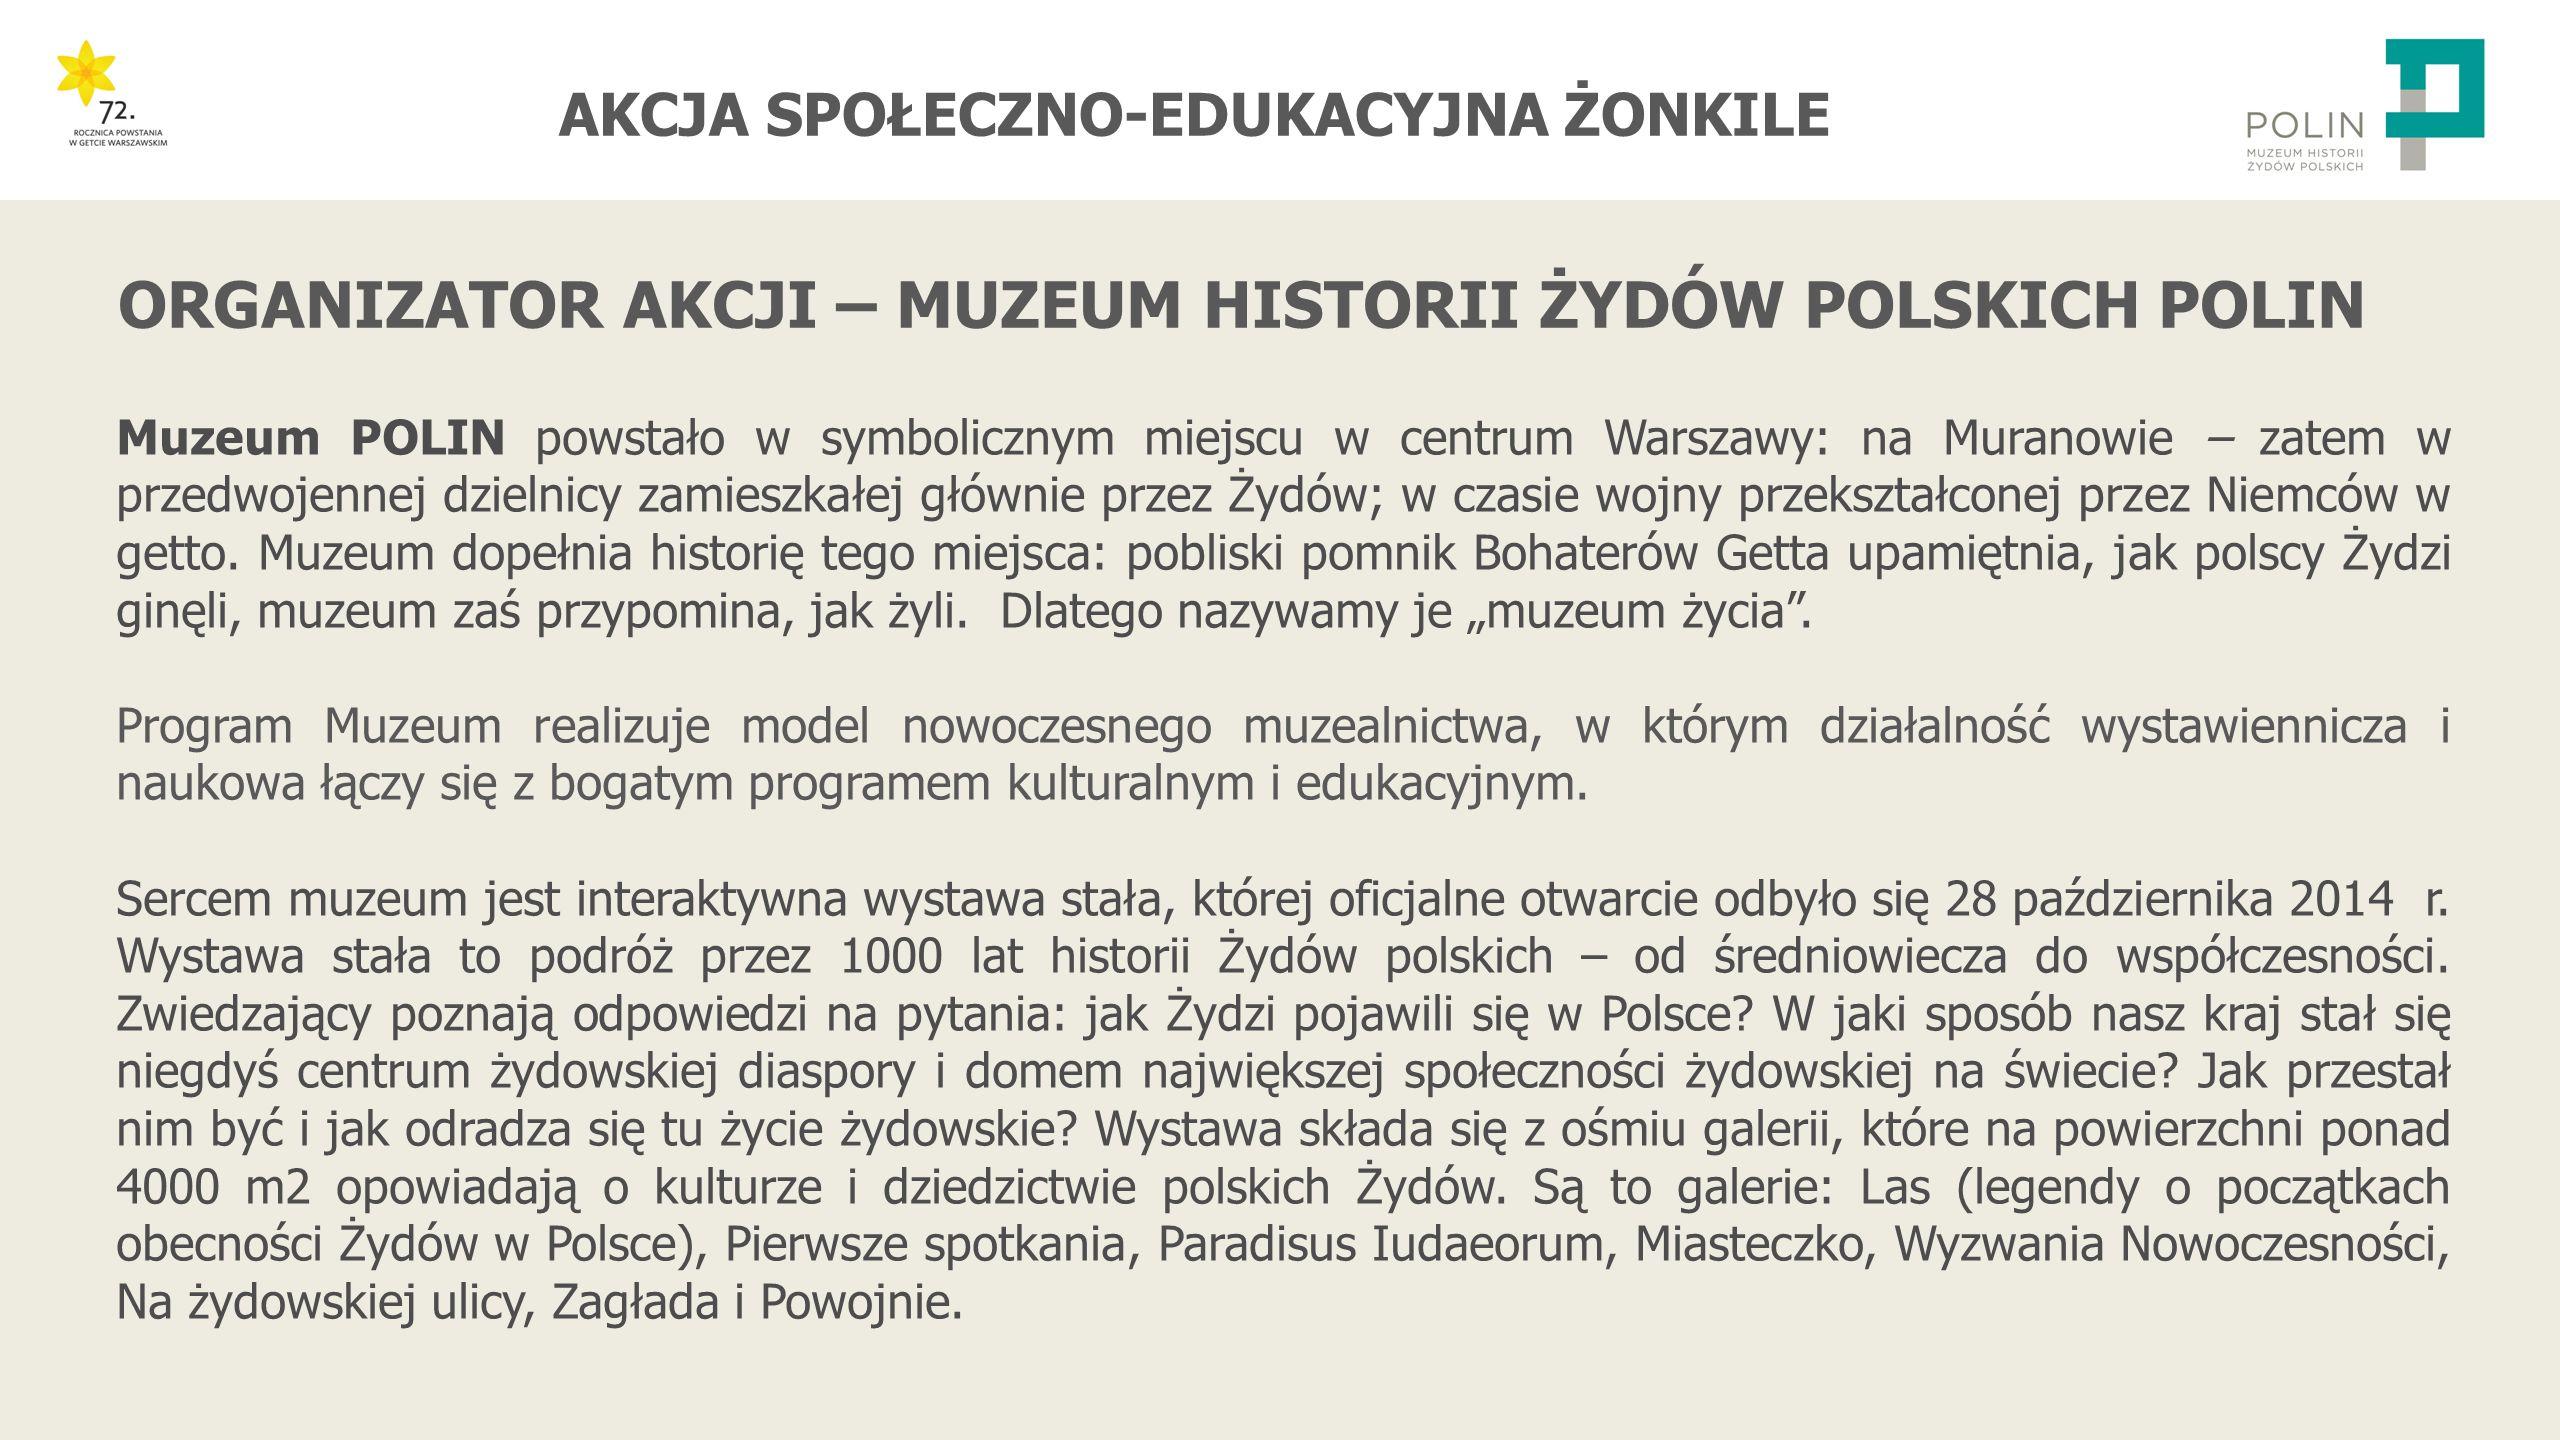 ORGANIZATOR AKCJI – MUZEUM HISTORII ŻYDÓW POLSKICH POLIN